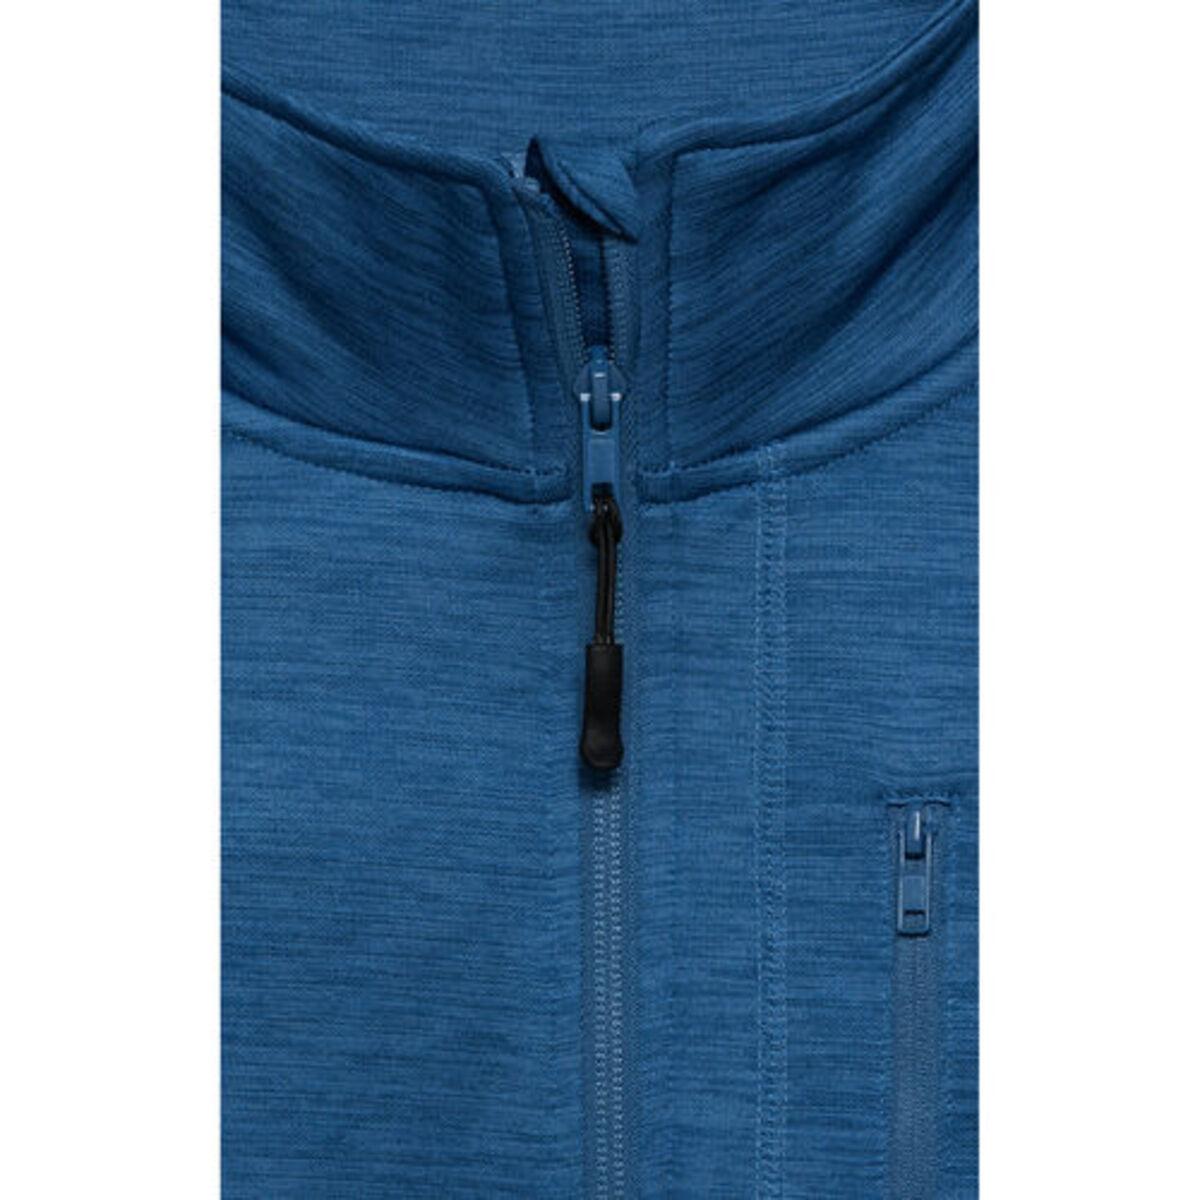 Bild 4 von FLM            Fleece Jacke 3.0 blau